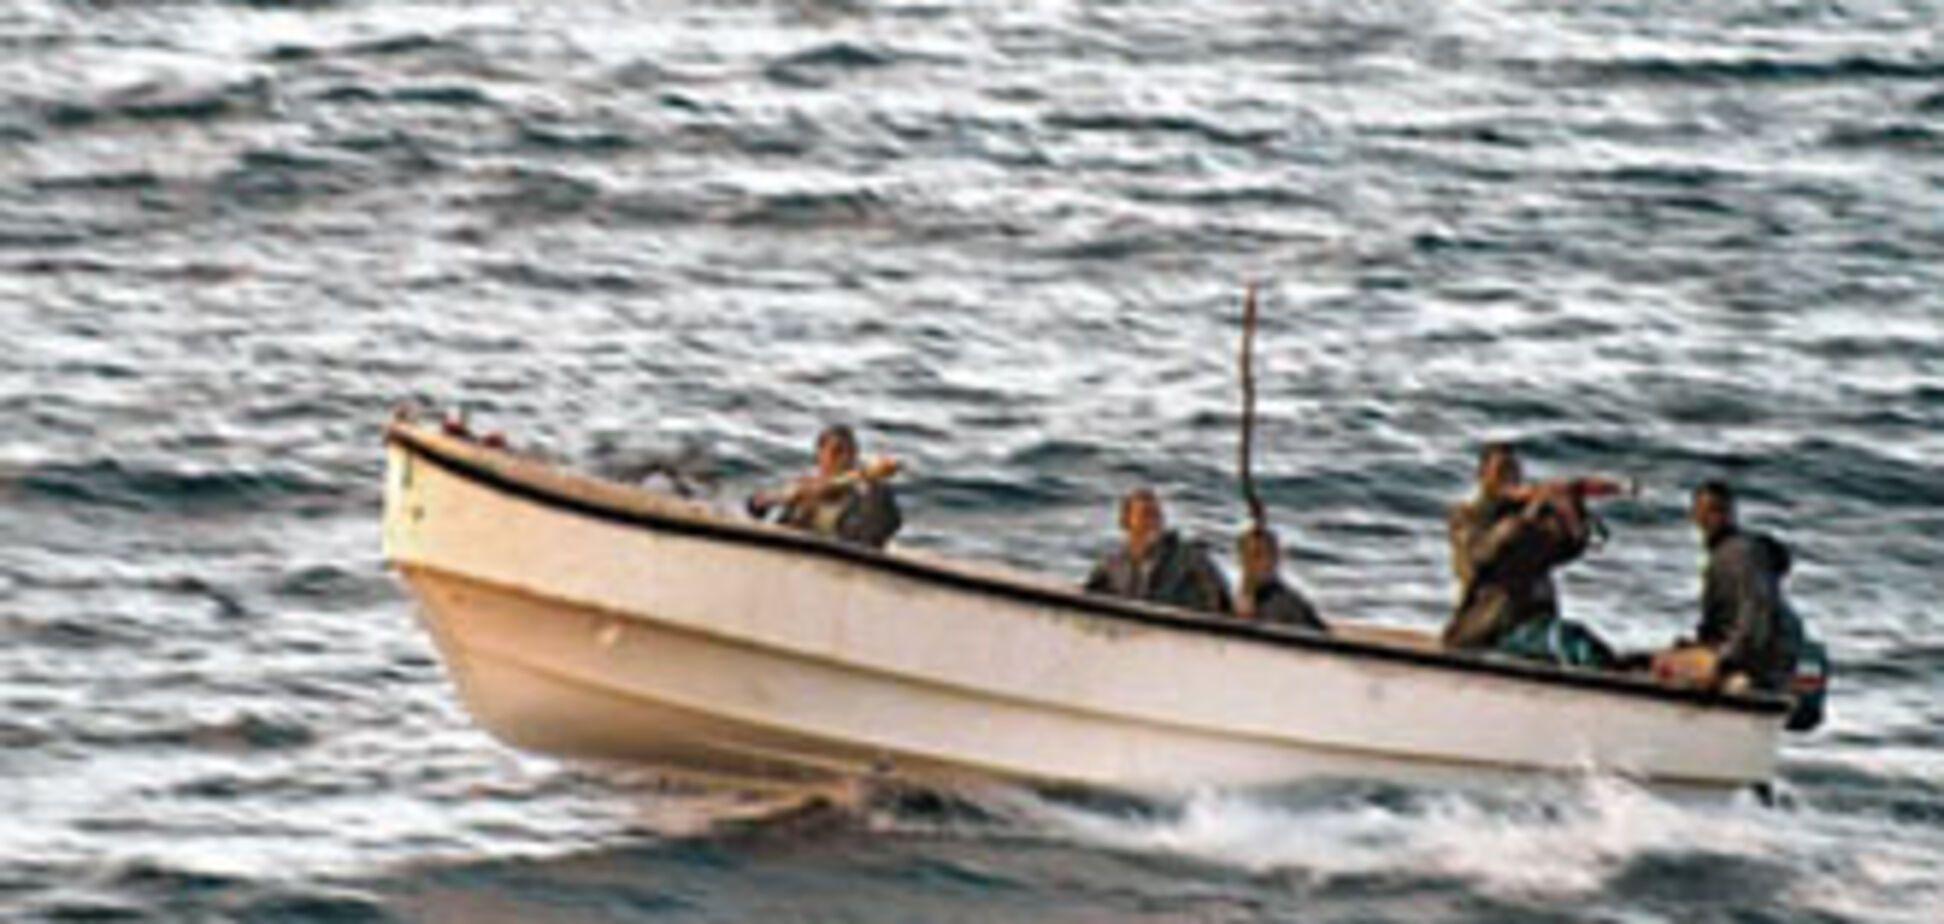 Відпущені пірати не змогли дістатися до берега